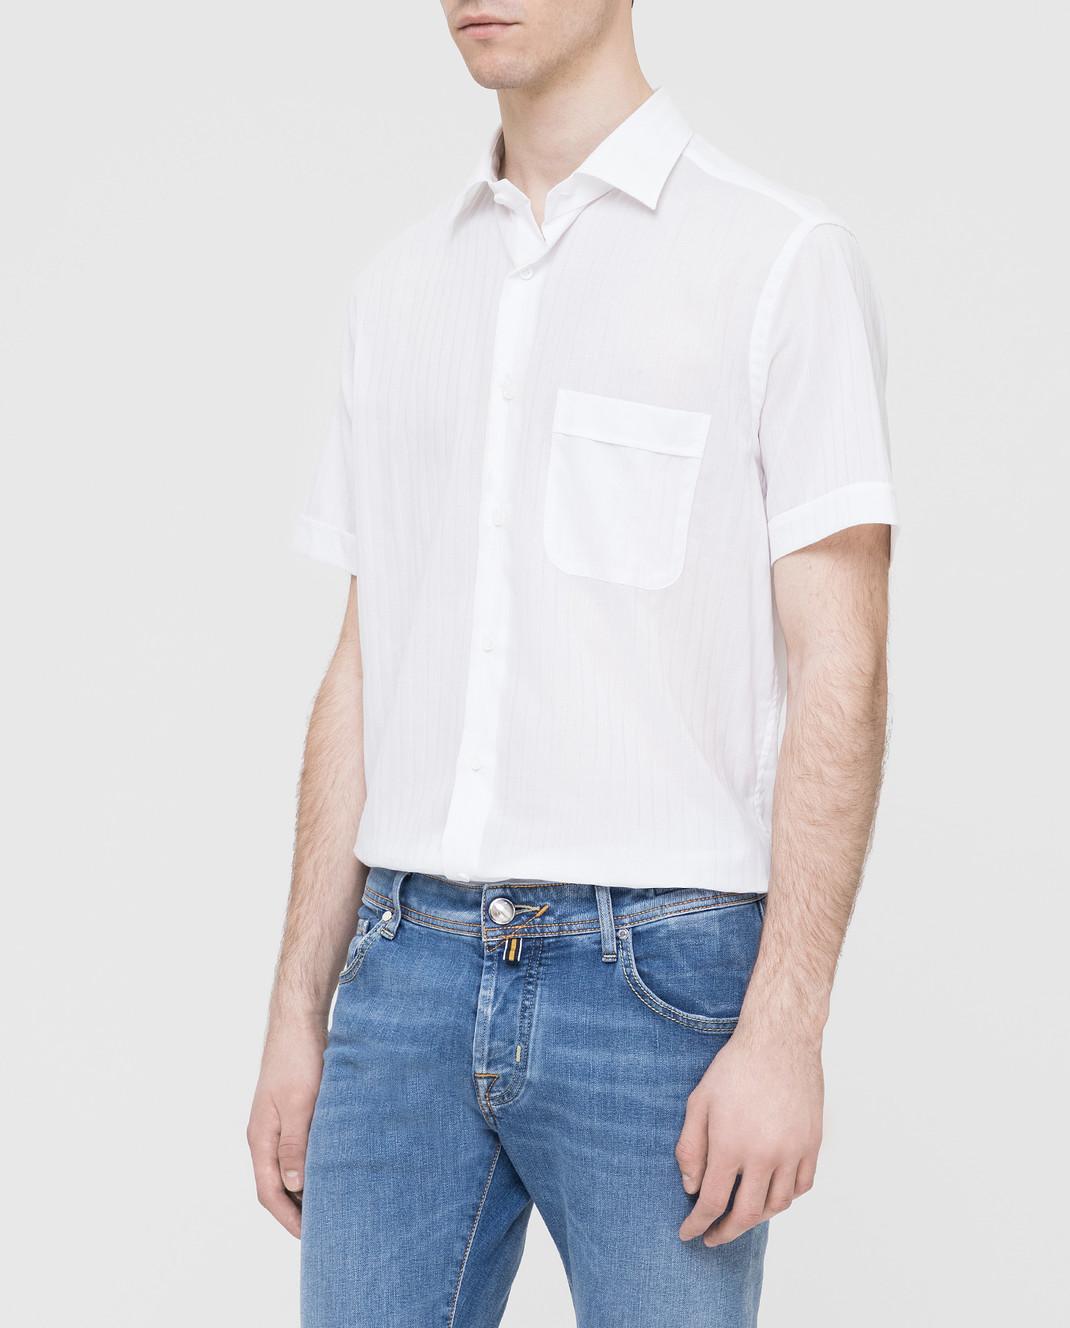 Carrel Белая рубашка изображение 3